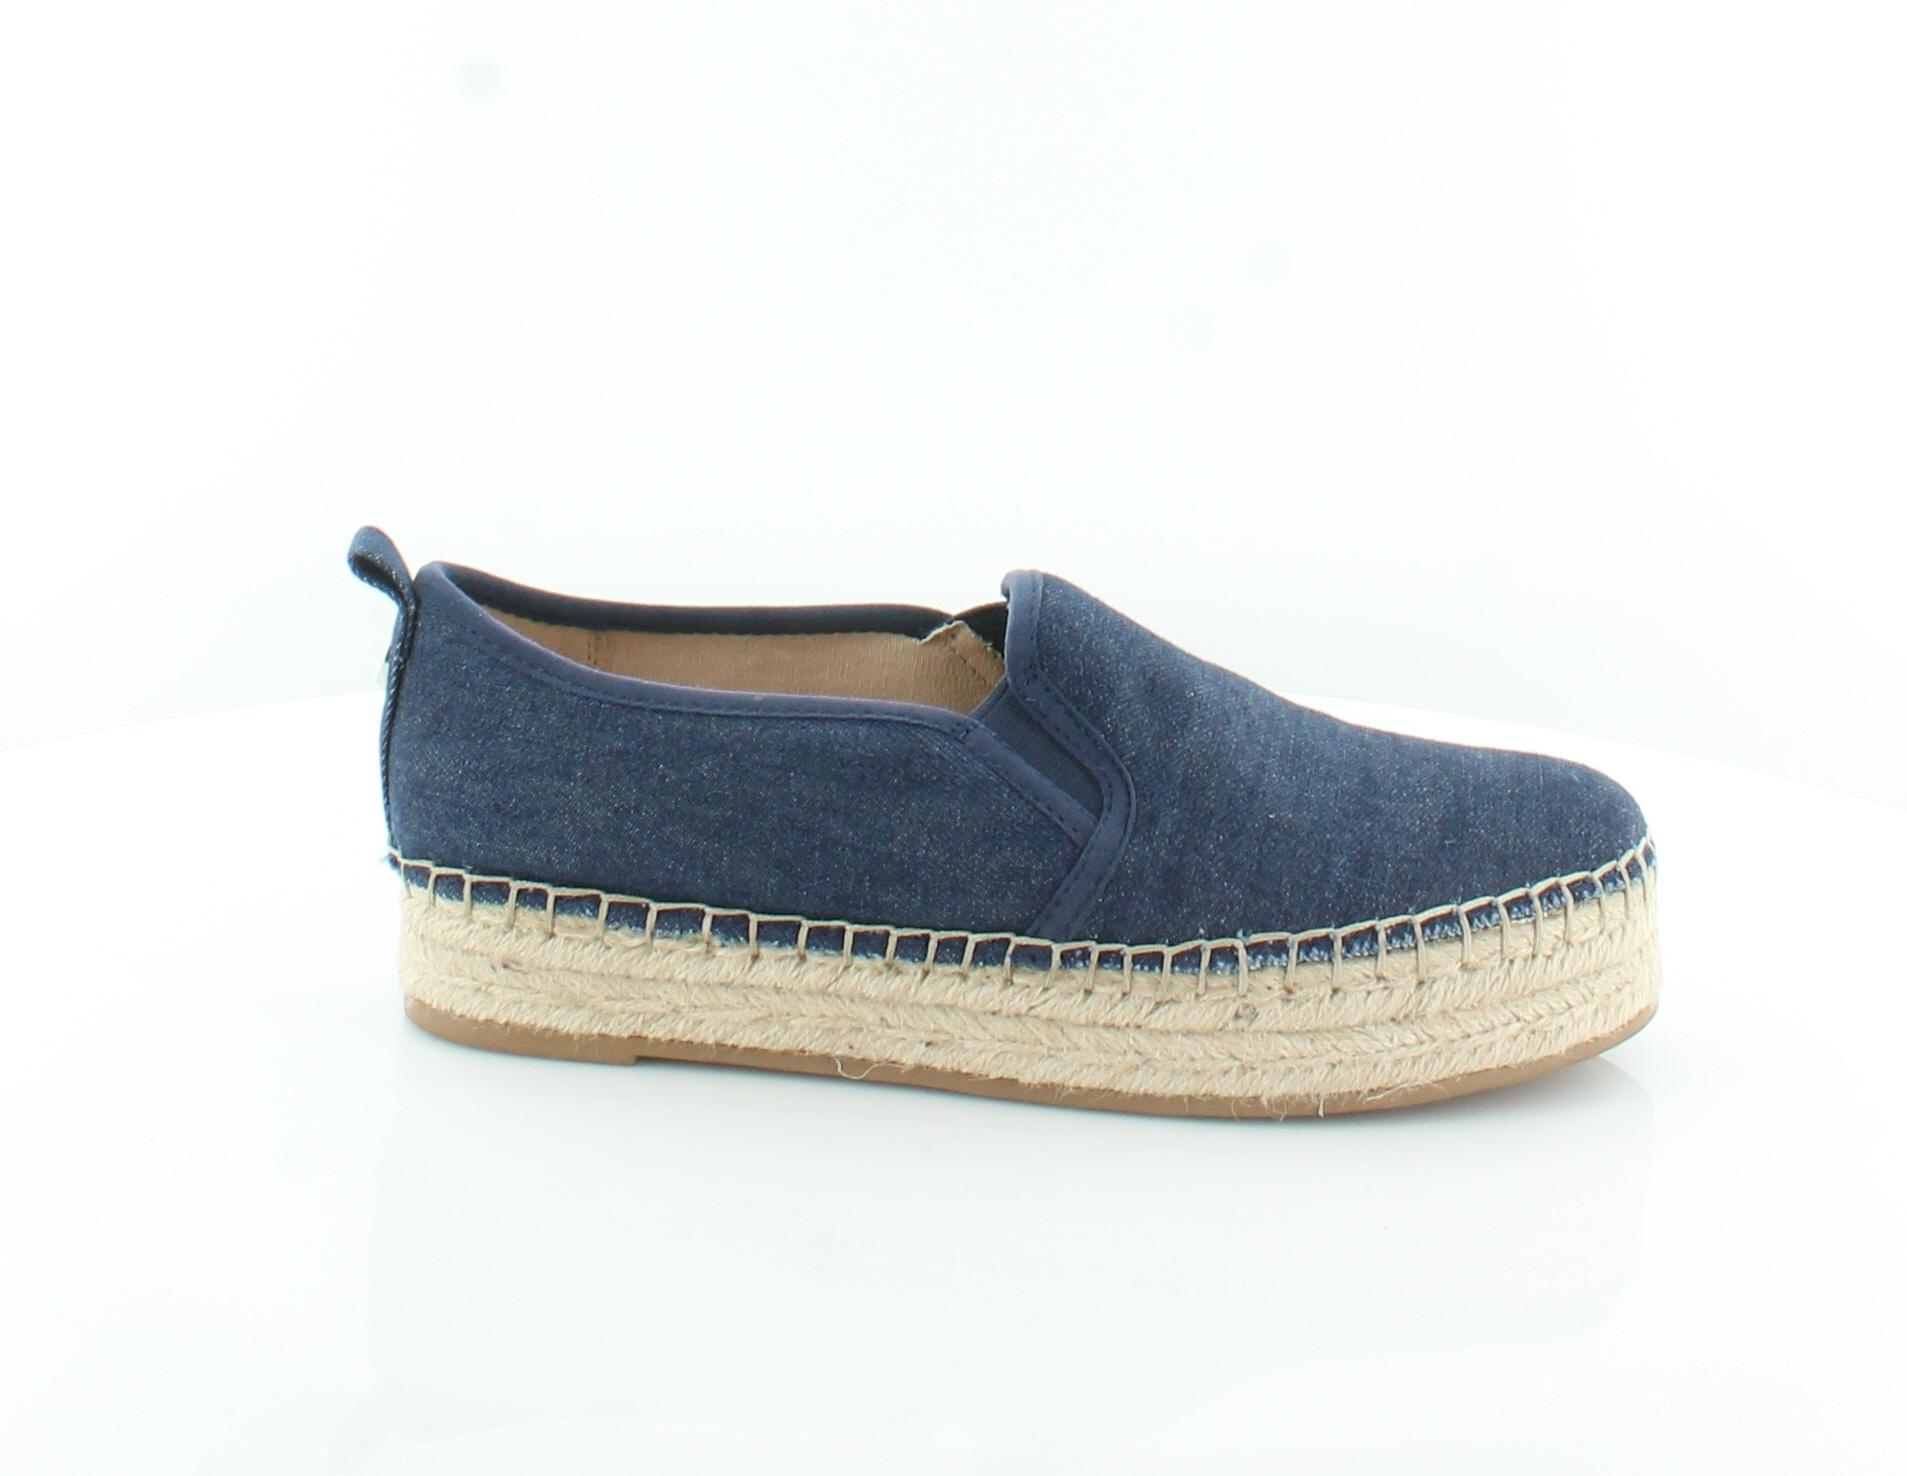 Sam Edelman nuevo nuevo nuevo Carrin azul Zapatos para mujer Talla 8.5 M pisos precio minorista sugerido por el fabricante  90  Venta en línea precio bajo descuento